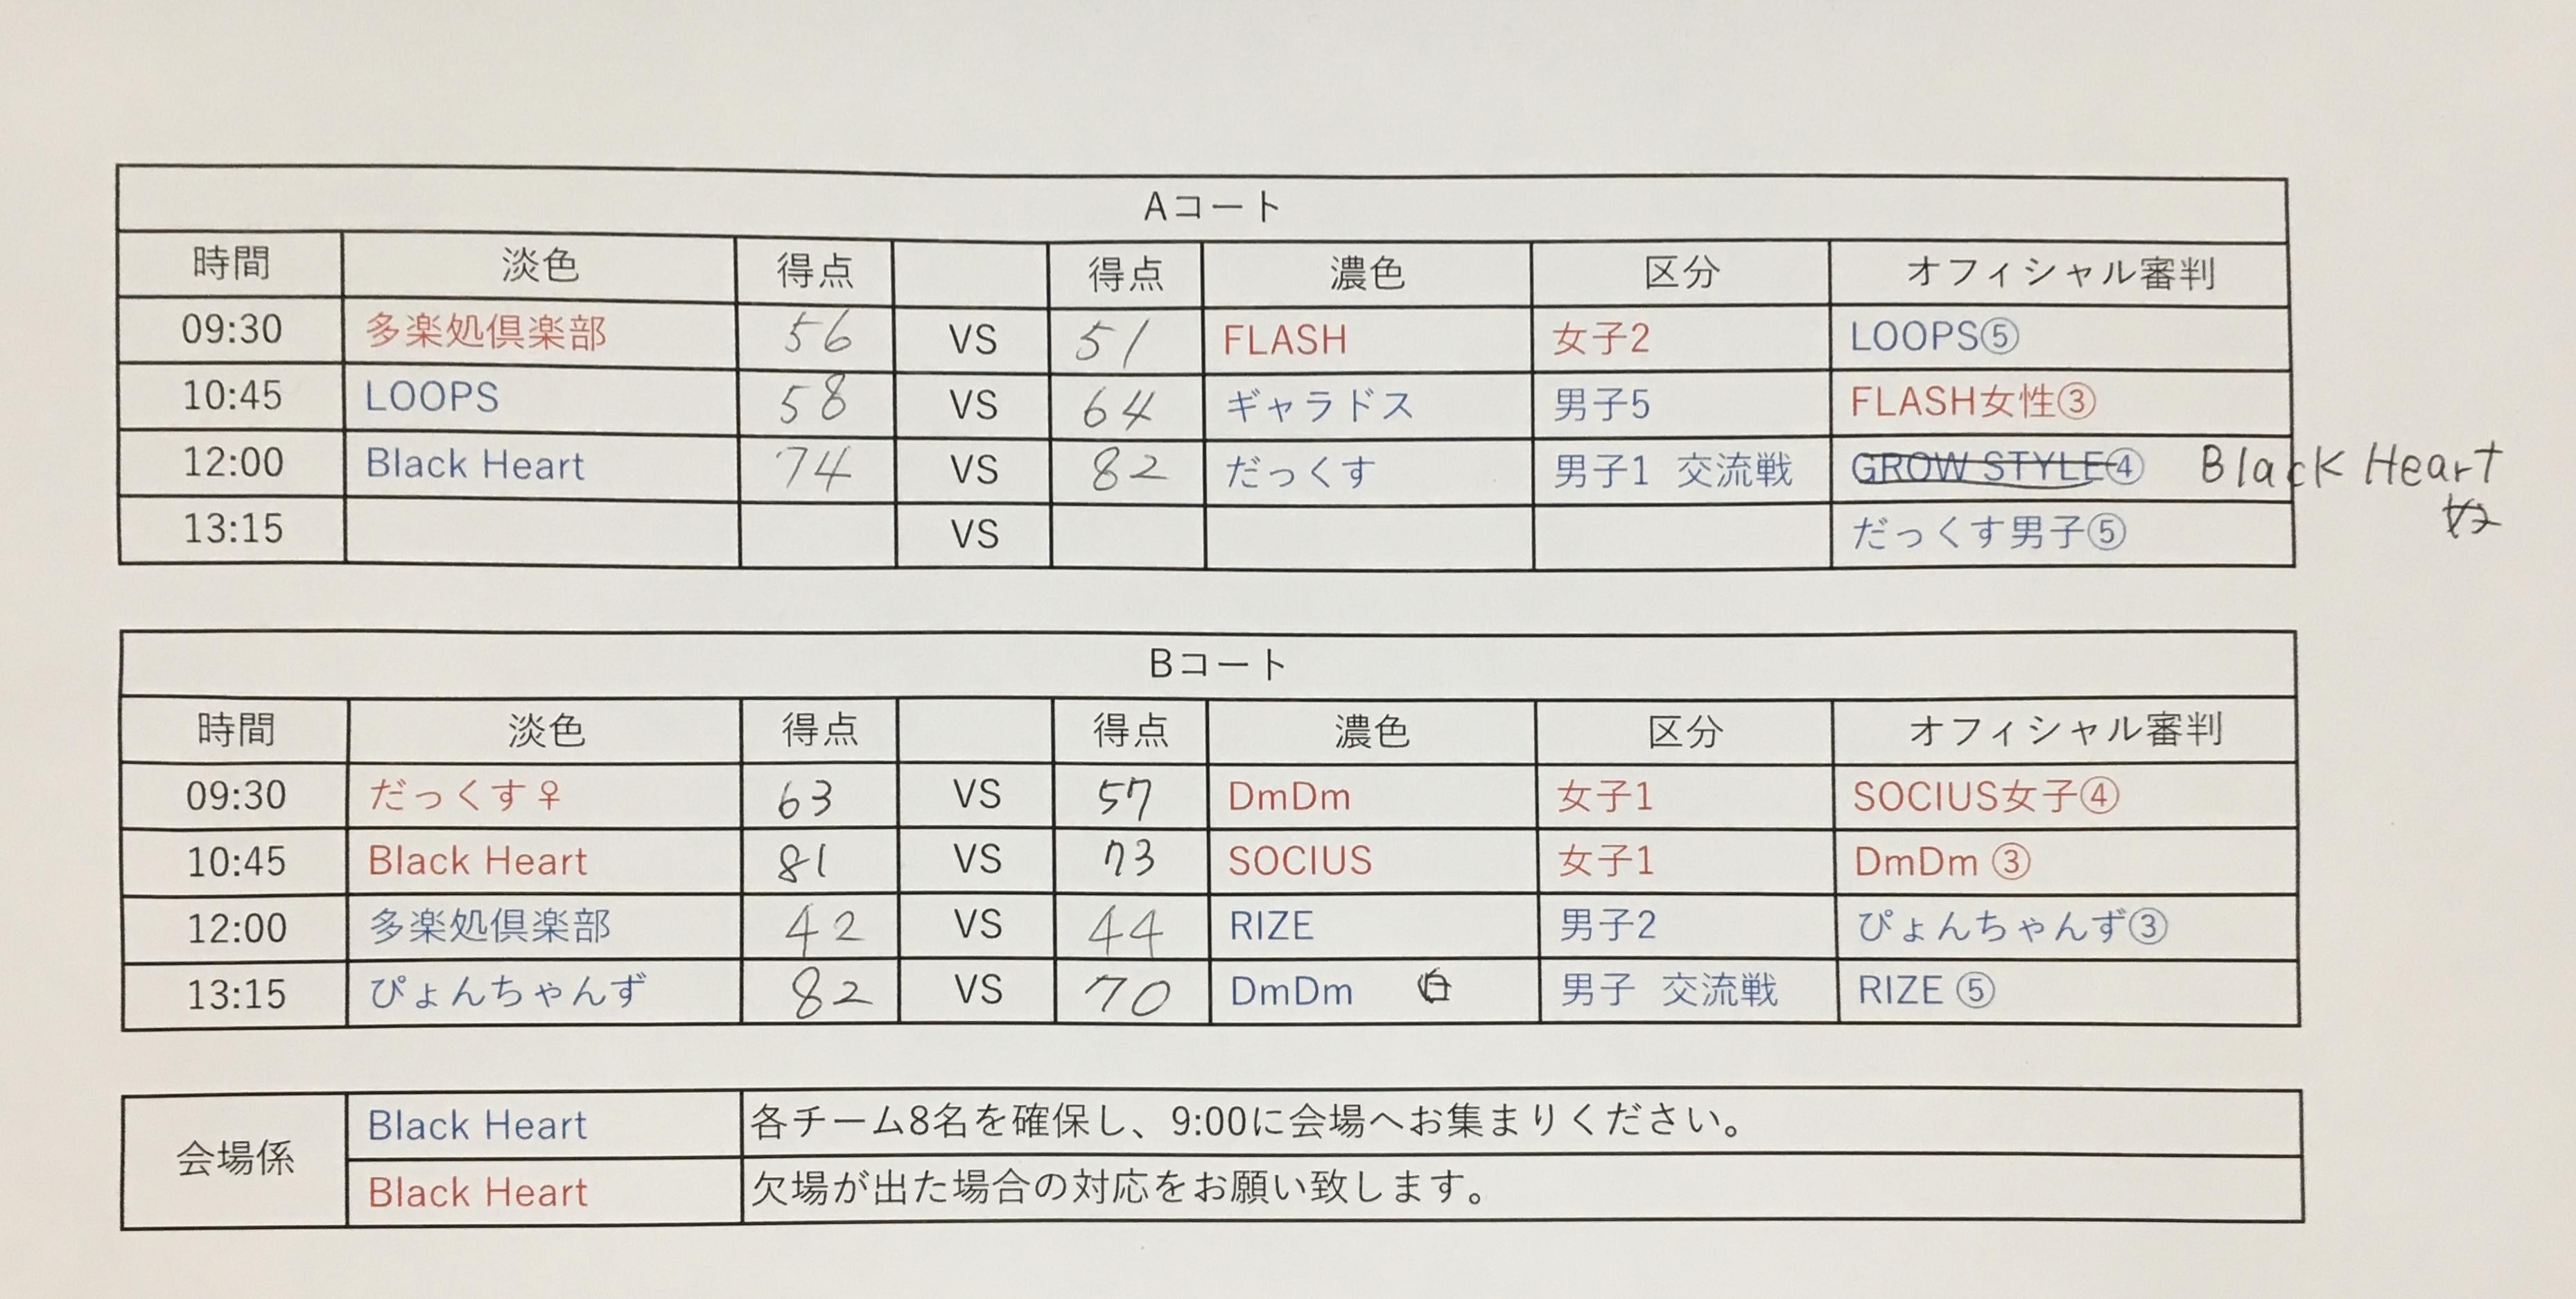 96847C4F-E478-4608-B1C5-2BC00D279E2A